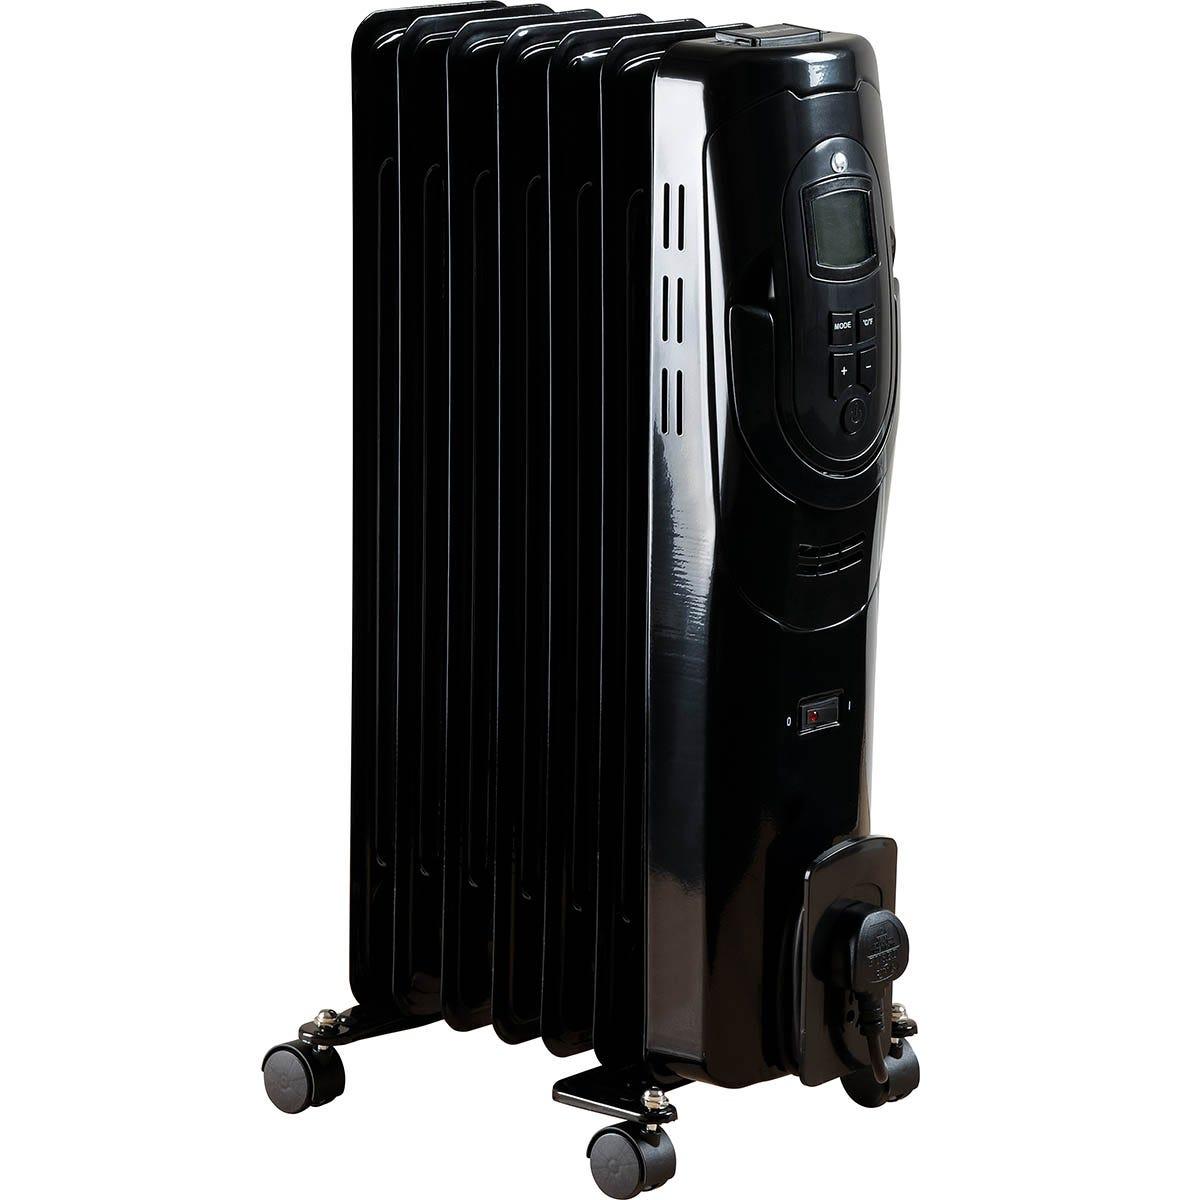 Fine Elements 1.5KW 7 Fin Oil Radiator - Black